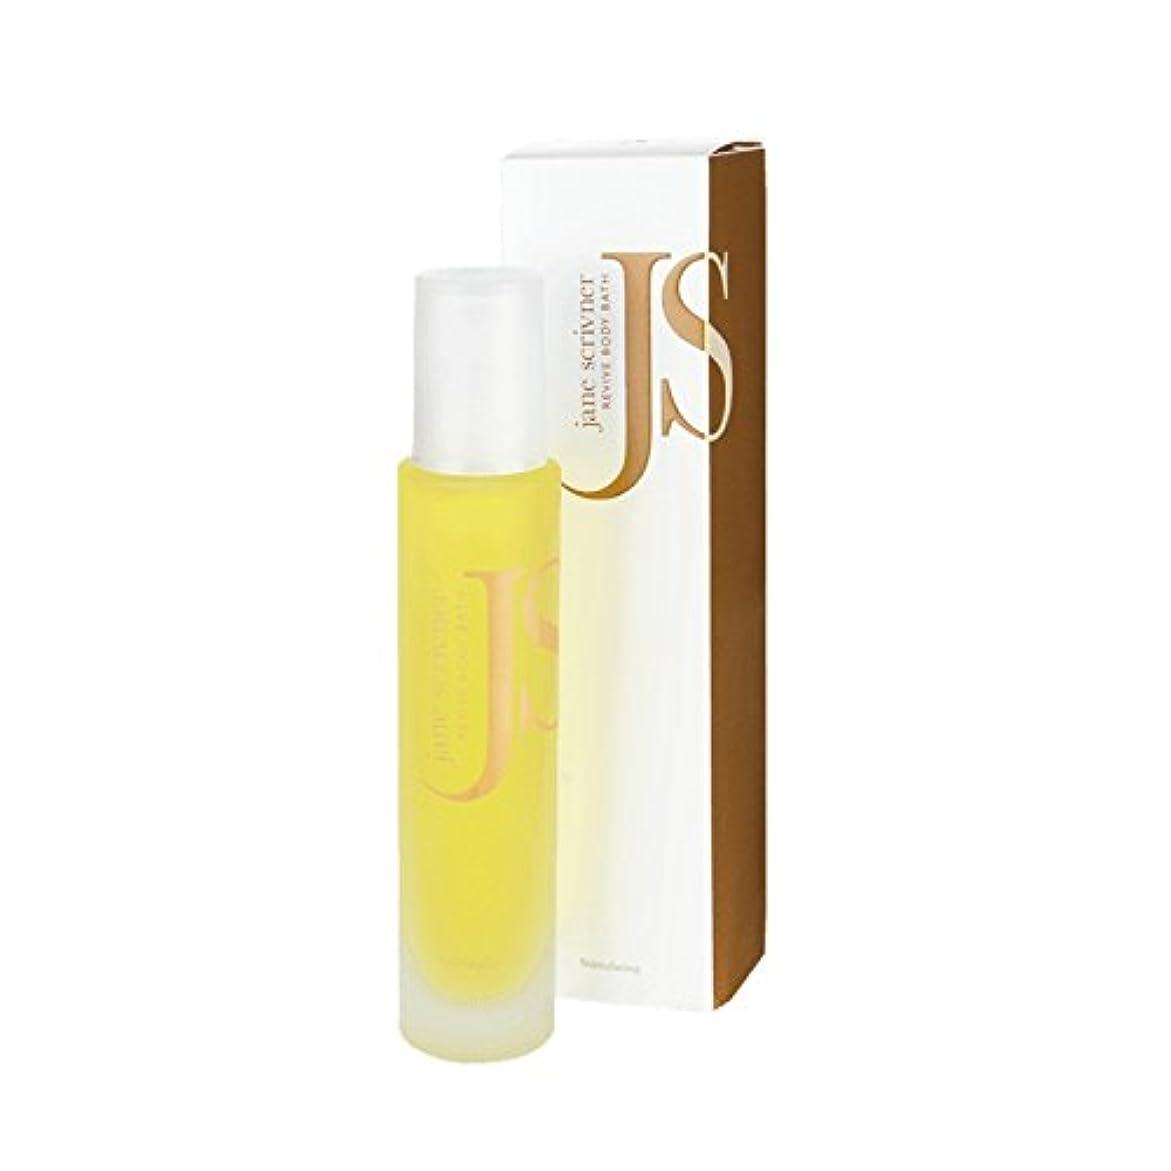 知らせる振幅倉庫Jane Scrivner Body Bath Oil Revive 100ml (Pack of 2) - ジェーンScrivnerボディバスオイル100ミリリットルを復活させます (x2) [並行輸入品]